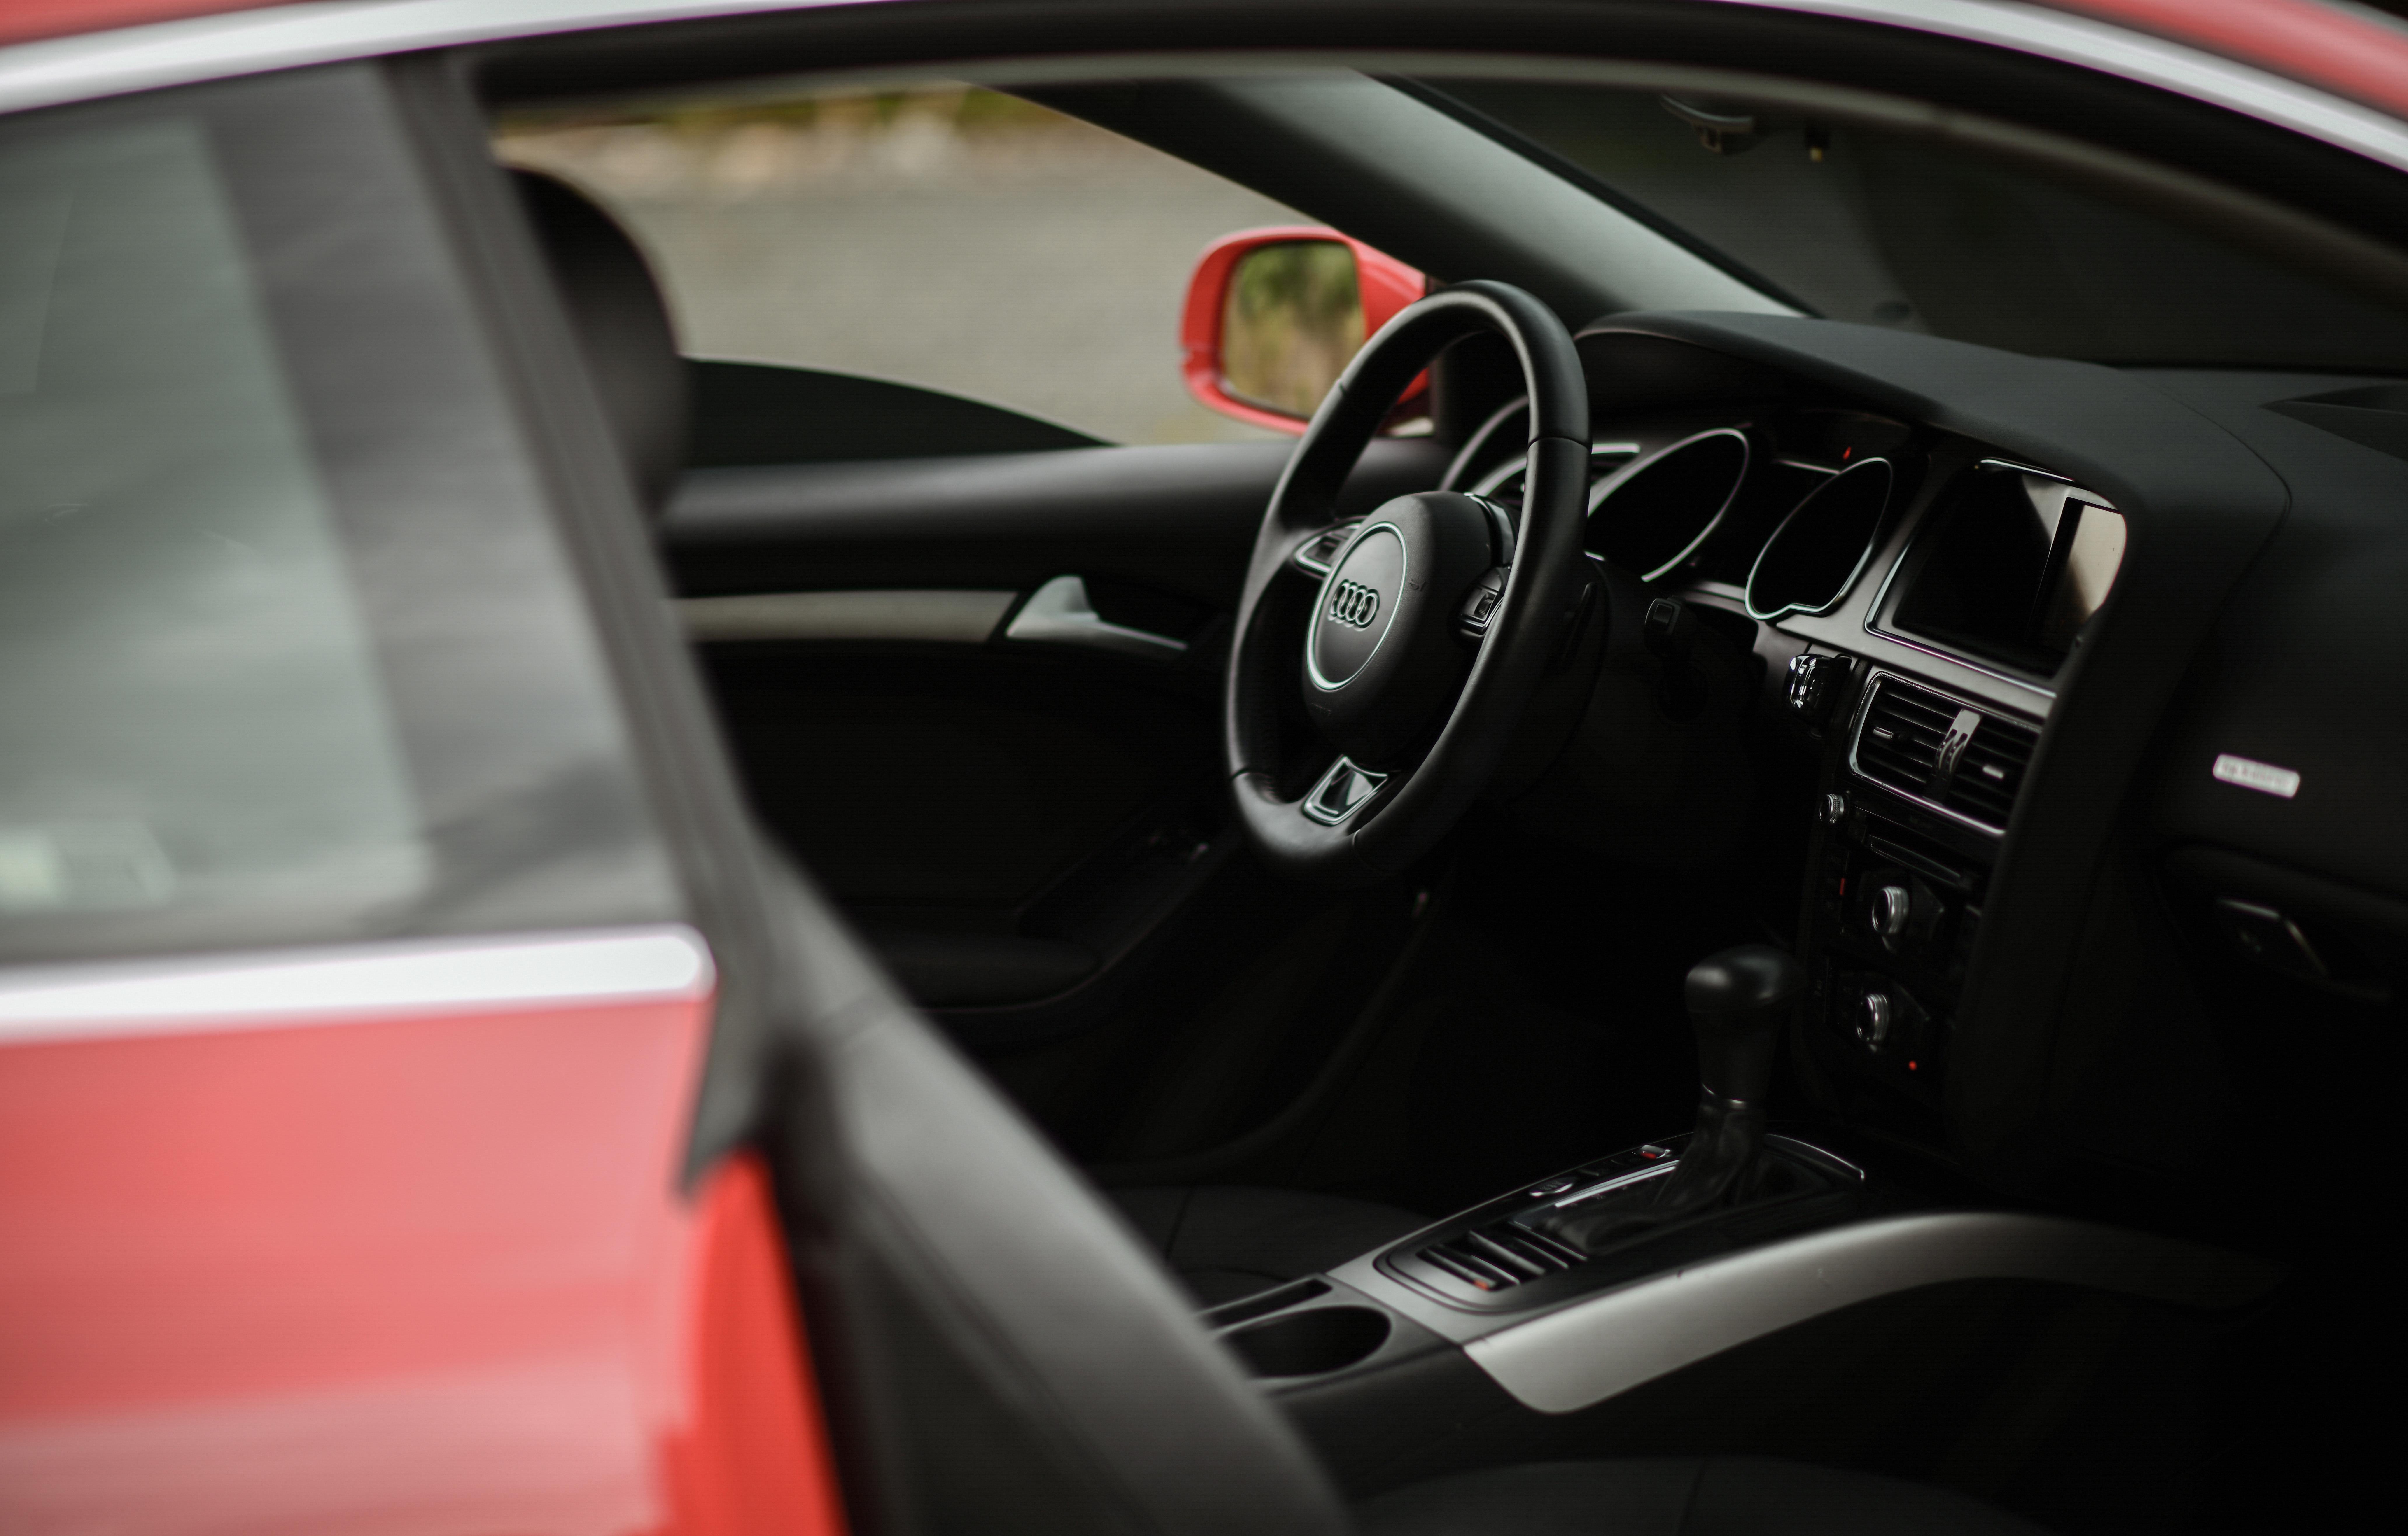 85832 télécharger le fond d'écran Voitures, Audi A5, Audi, Volant, Gouvernail, Une Voiture, Machine, Salon, Le Noir - économiseurs d'écran et images gratuitement